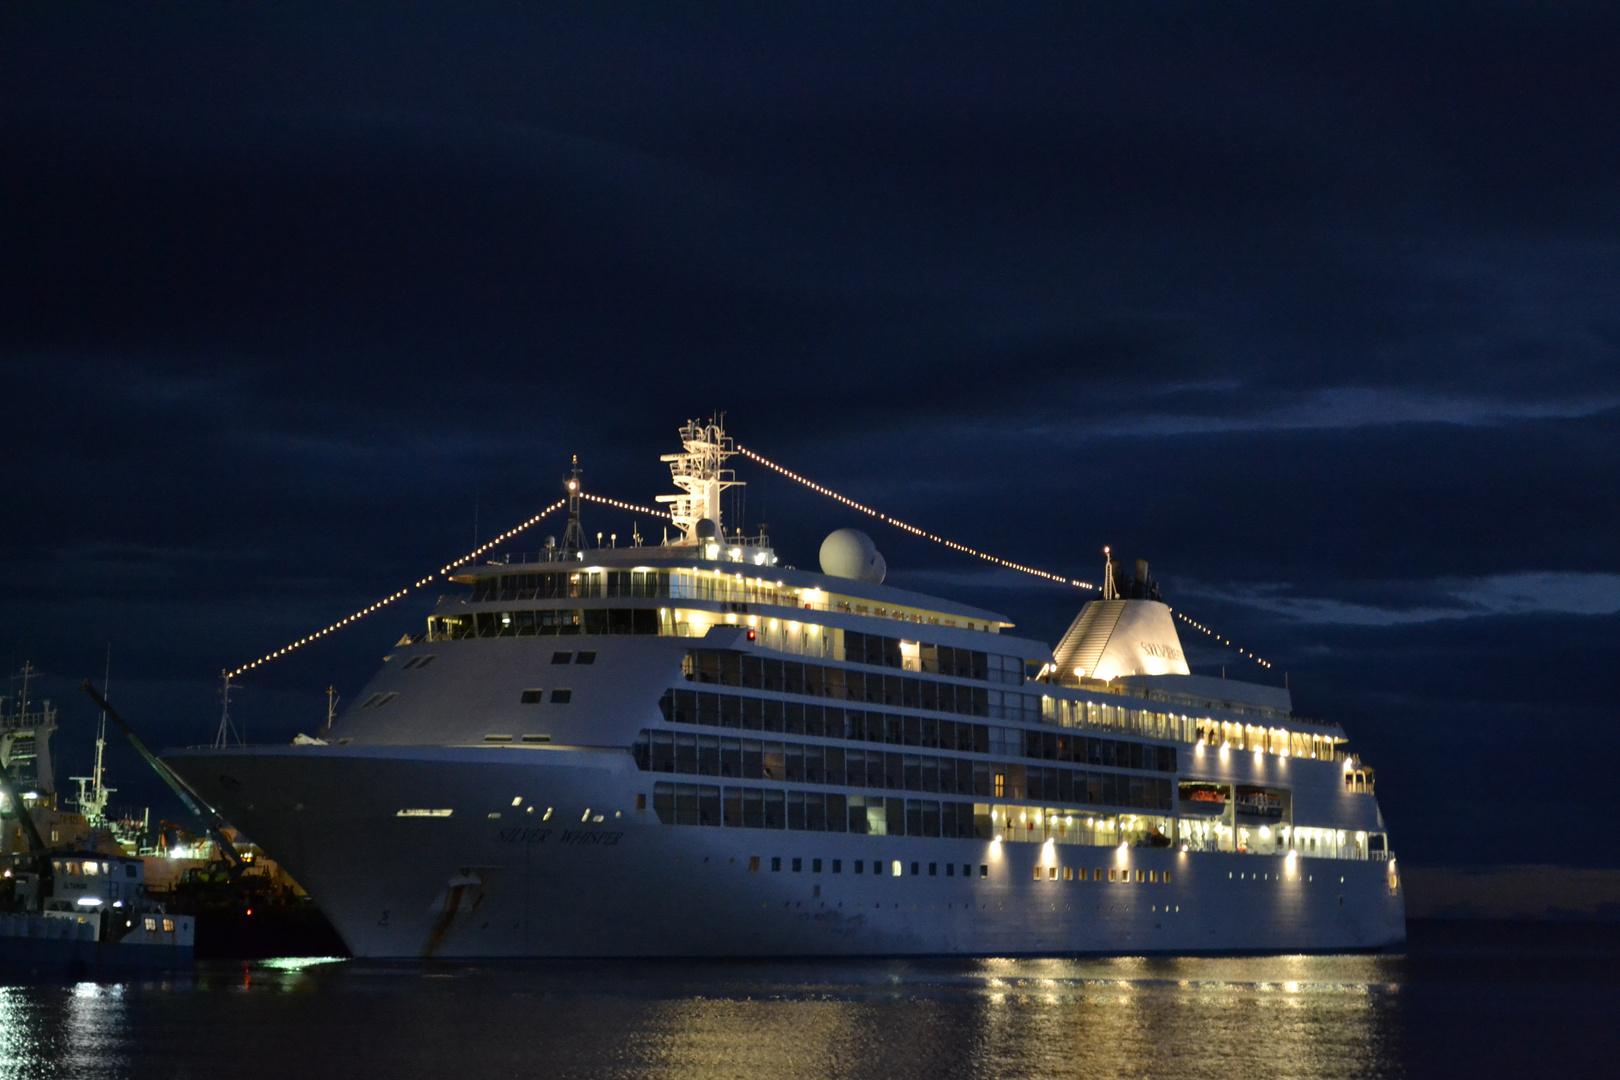 Crucero Silver Whisper atracado en muelle Arturo Prat Punta Arenas - Chile